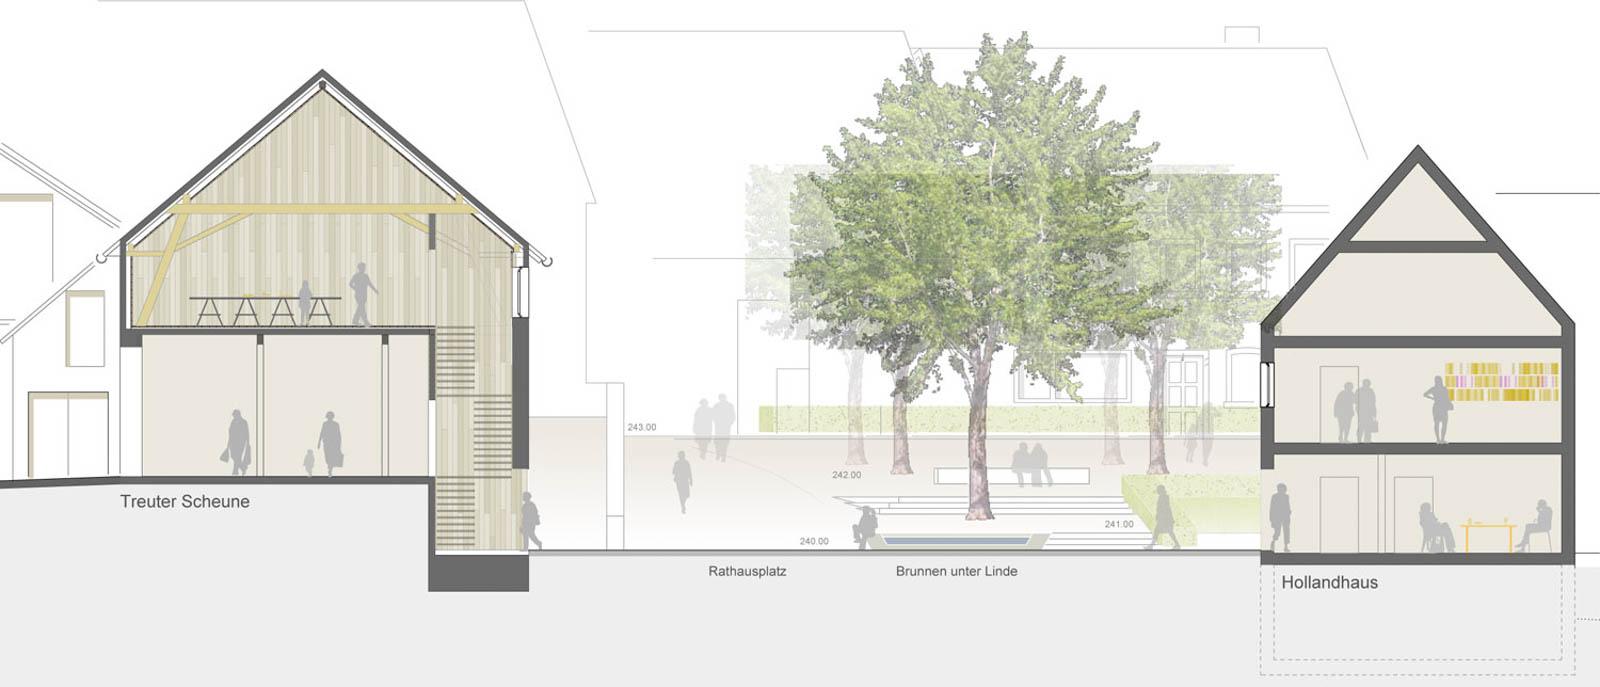 Nickel und Wachter Architekten - Klosterwiese Viereth Plan